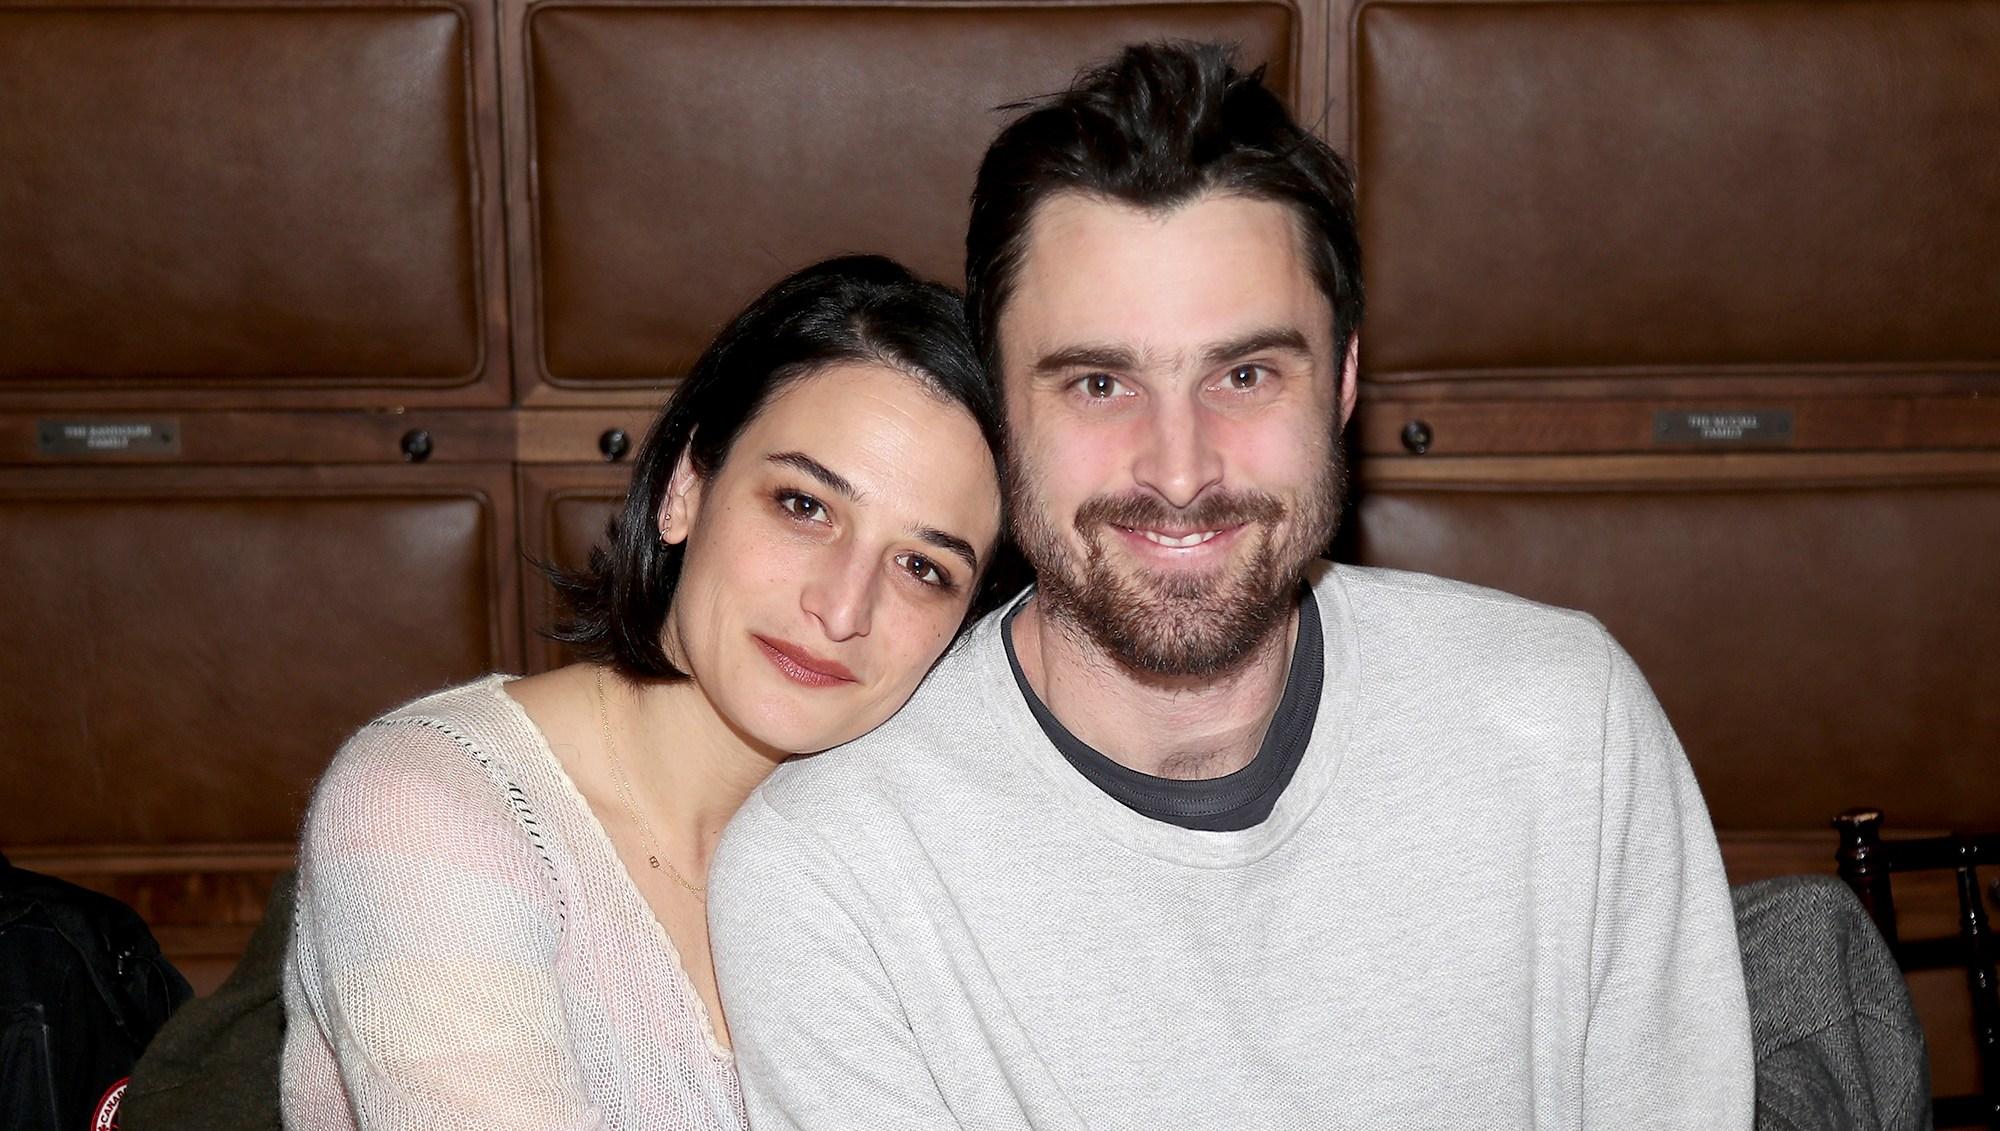 Jenny-Slate-and-Ben-Shattuck-boyfriend